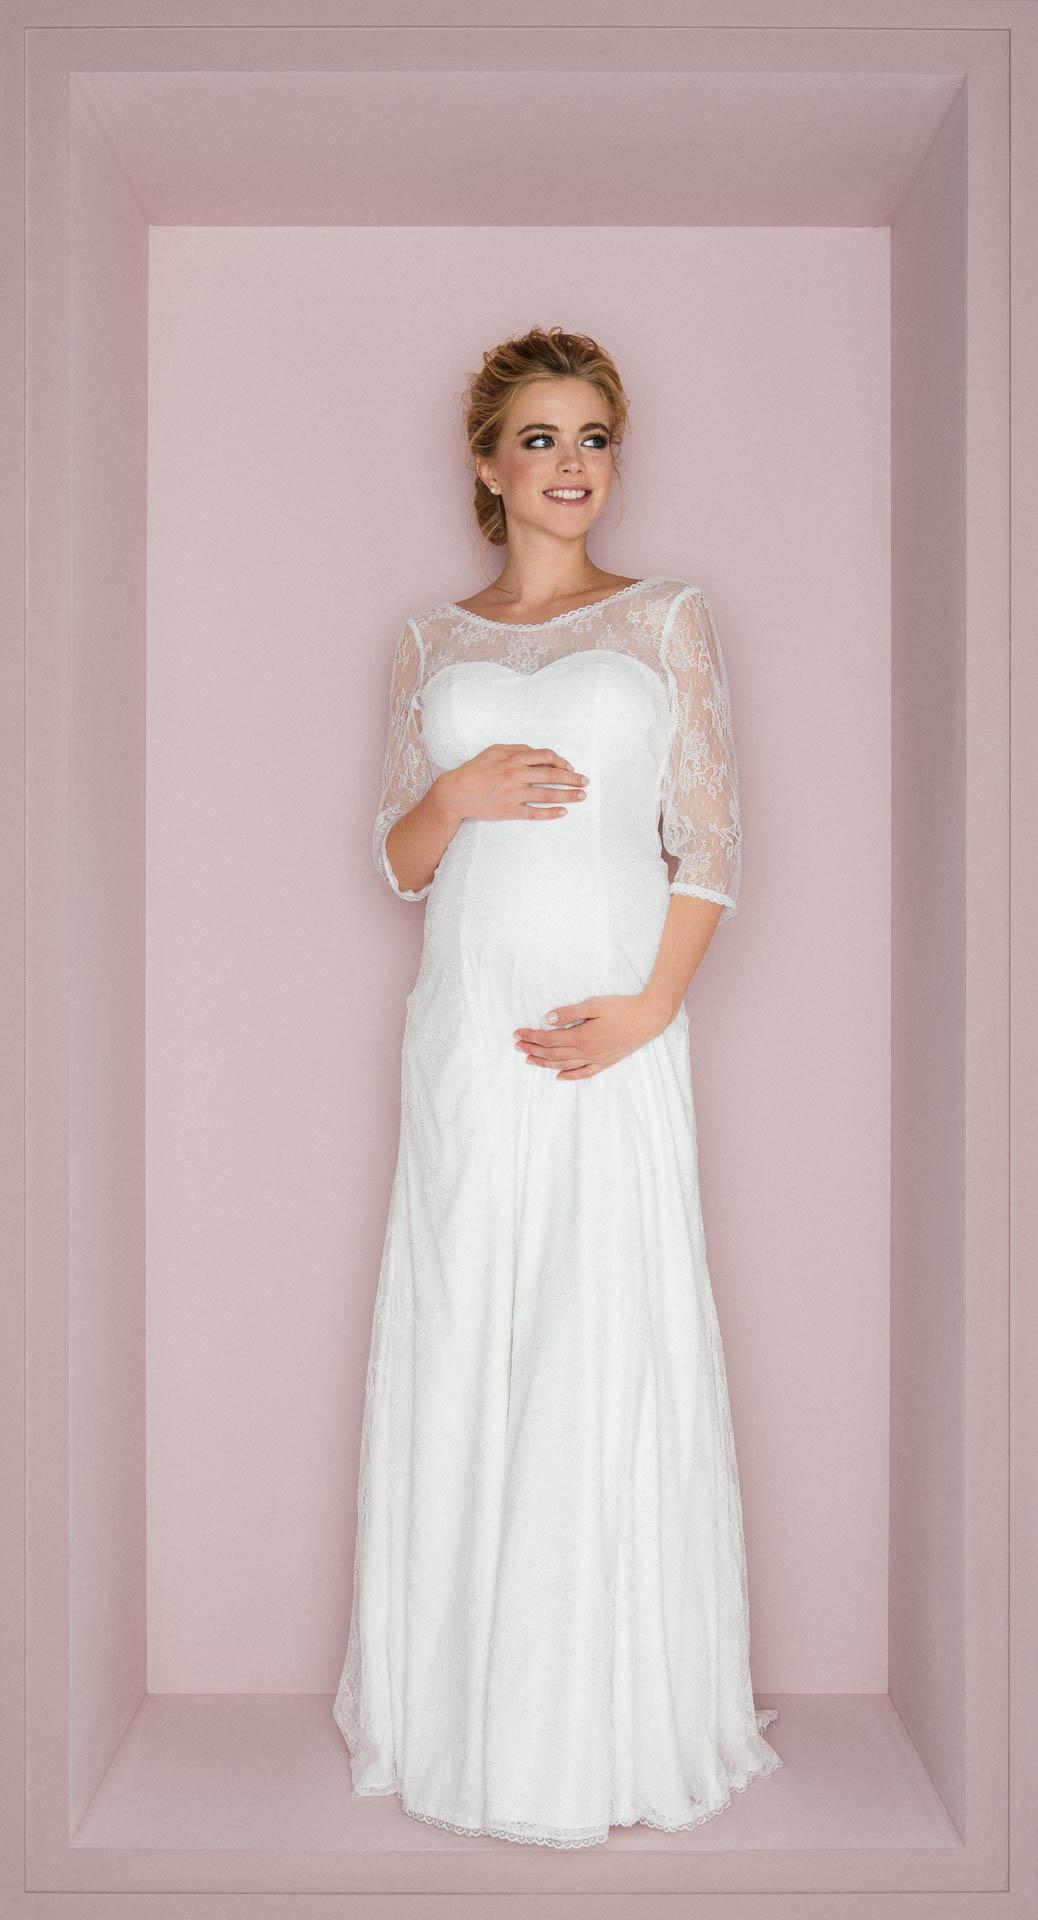 Brautkleider für Schwangere bei kuessdiebraut erleben & verlieben ♥